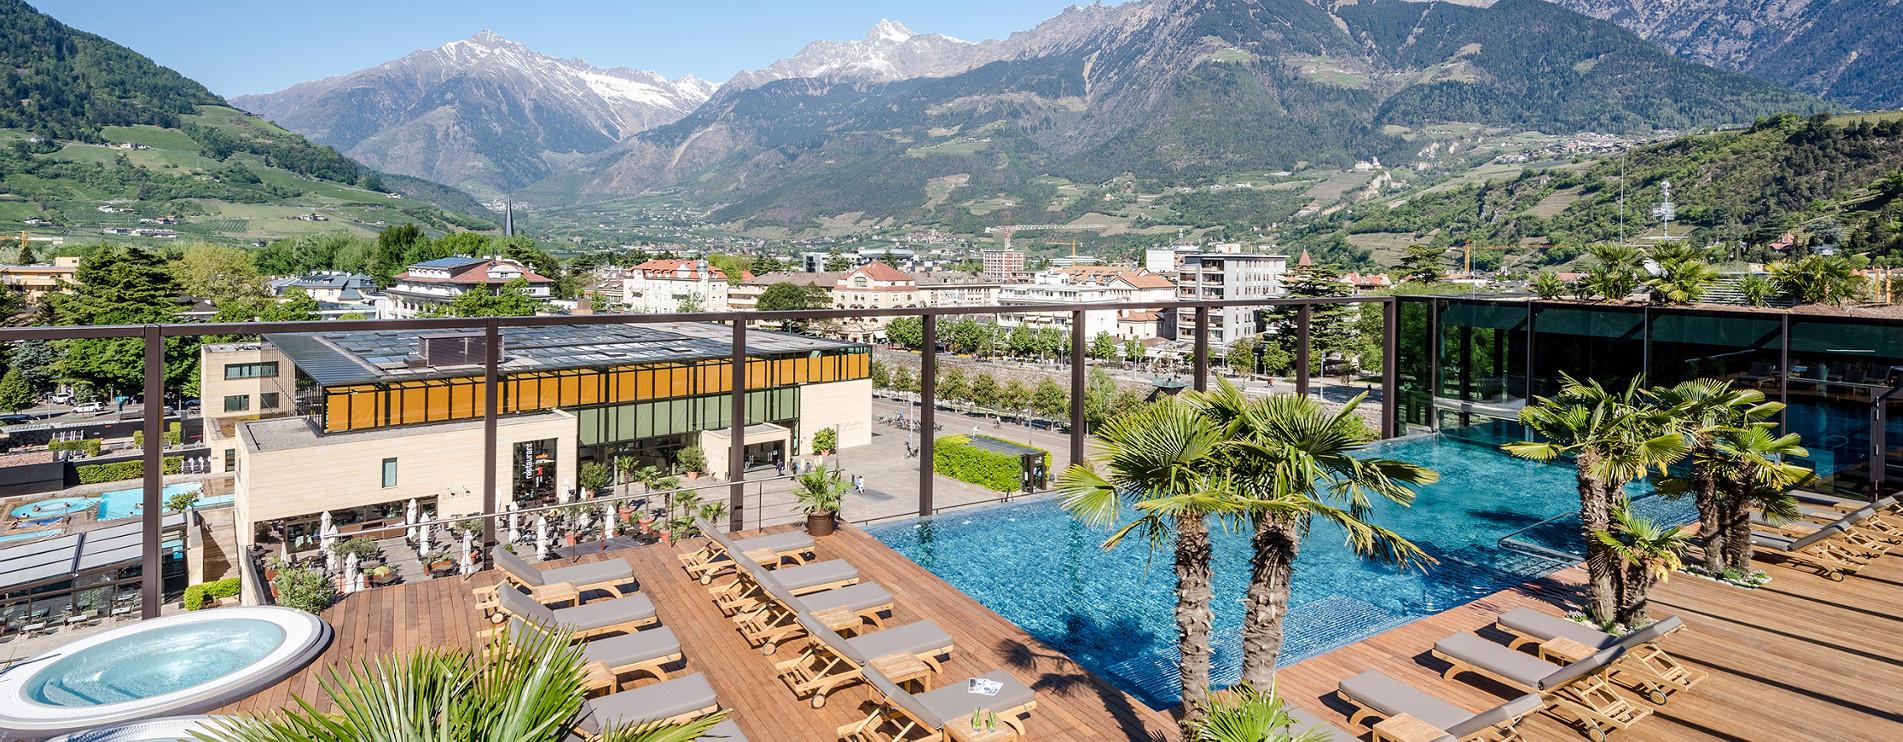 Hotel Terme Merano Sky Spa Benessere